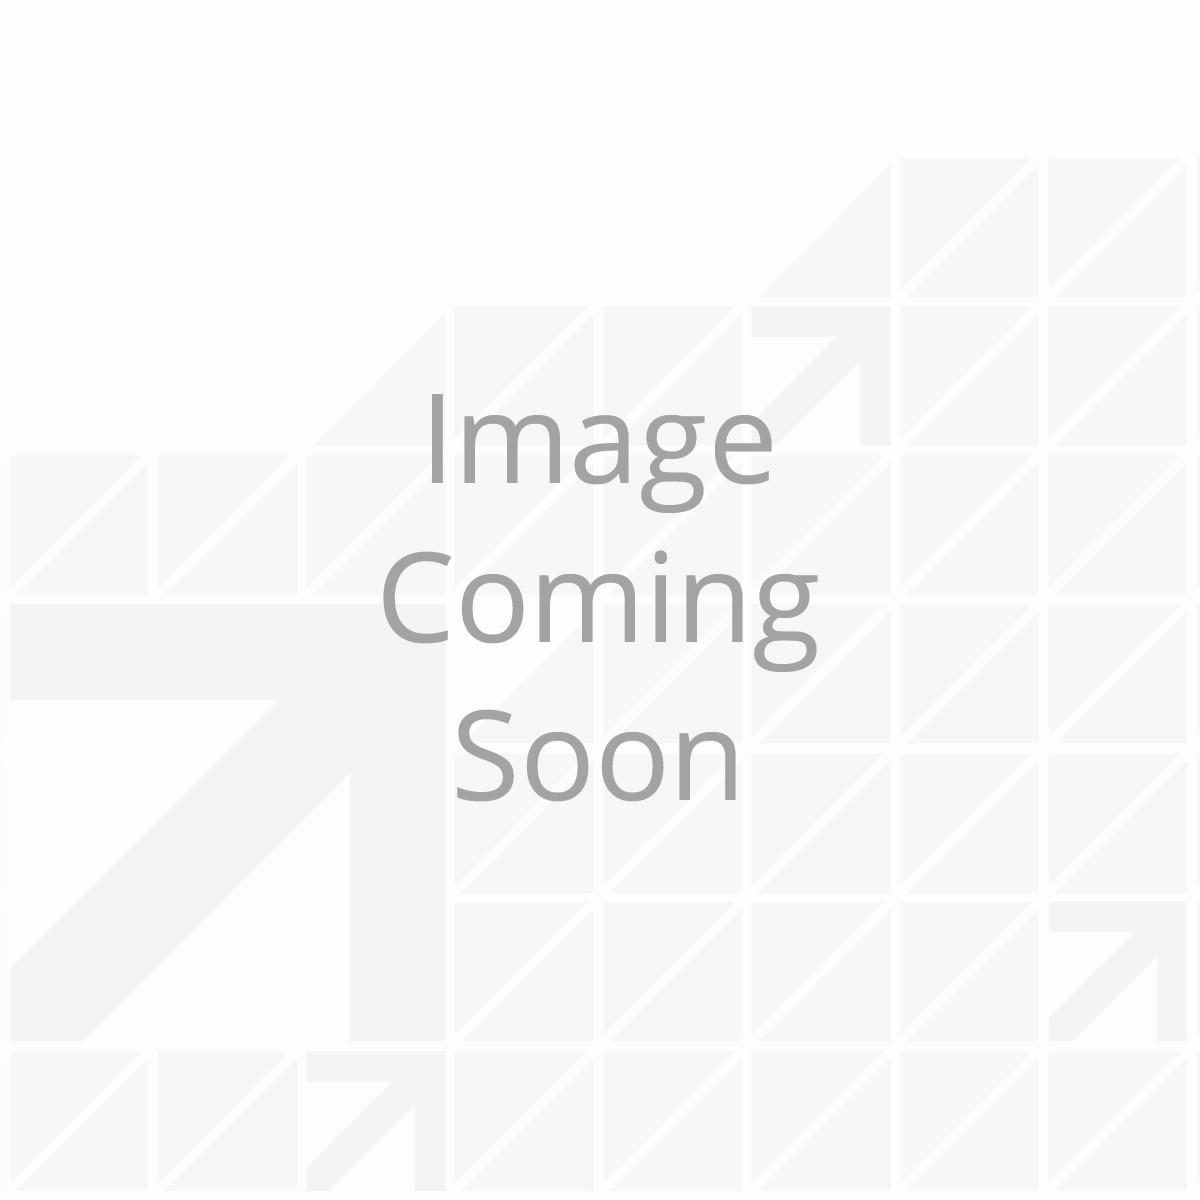 Leveling Bracket 17 X 7.25 X 3.5 X 1.75 X 3.5 X 1.75 Pc Black